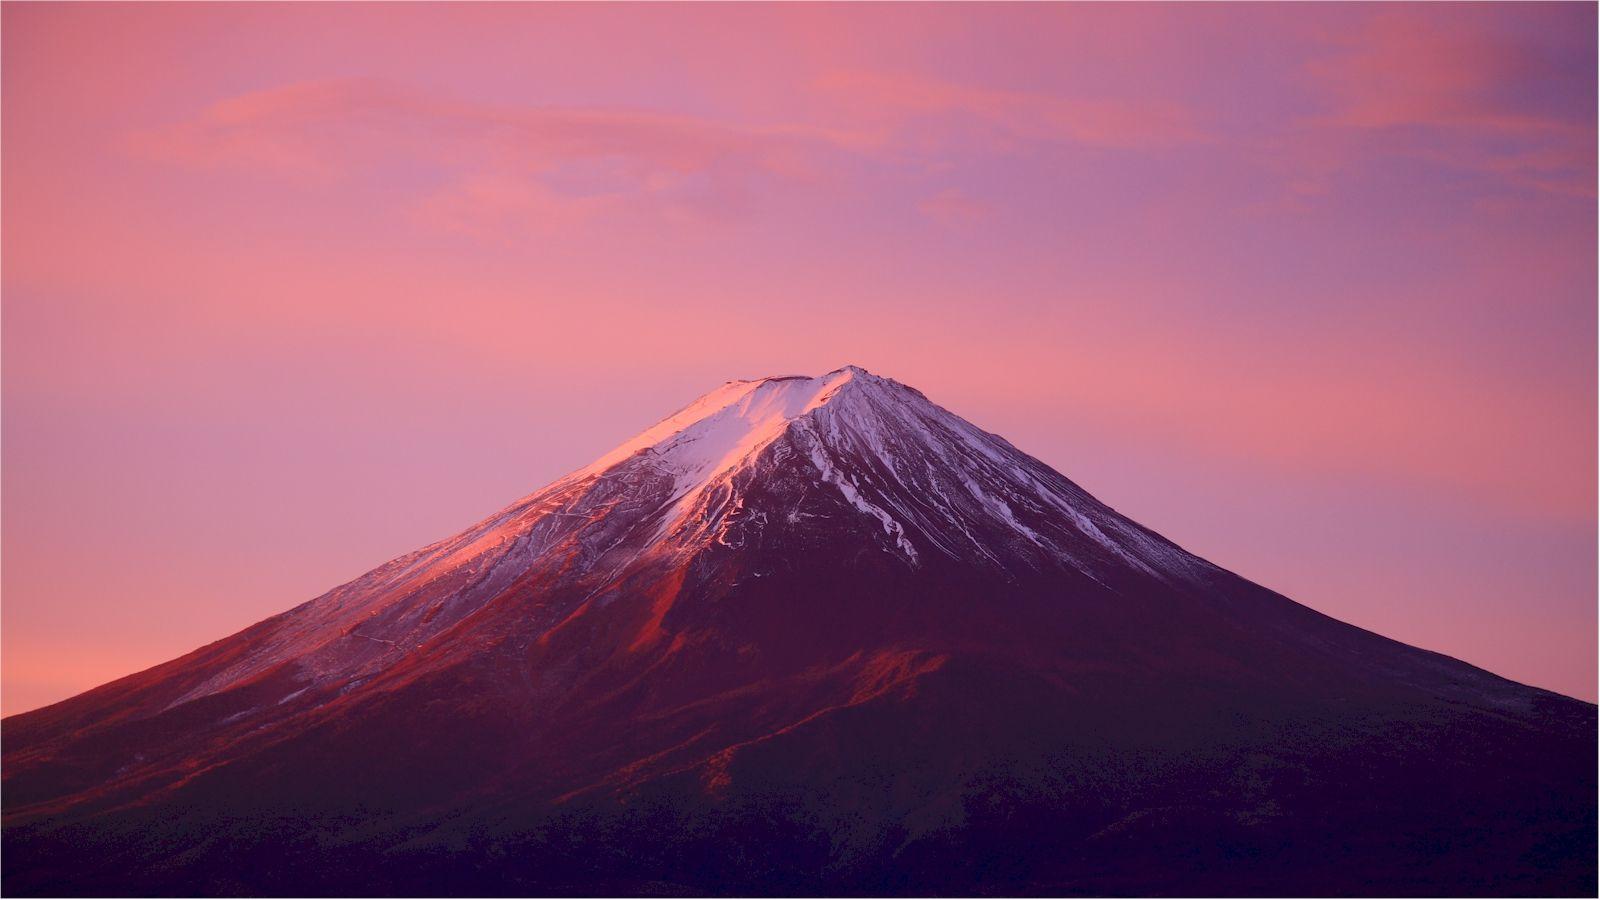 富士山の無料壁紙のページ 赤富士 画像あり 富士山 赤富士 綺麗